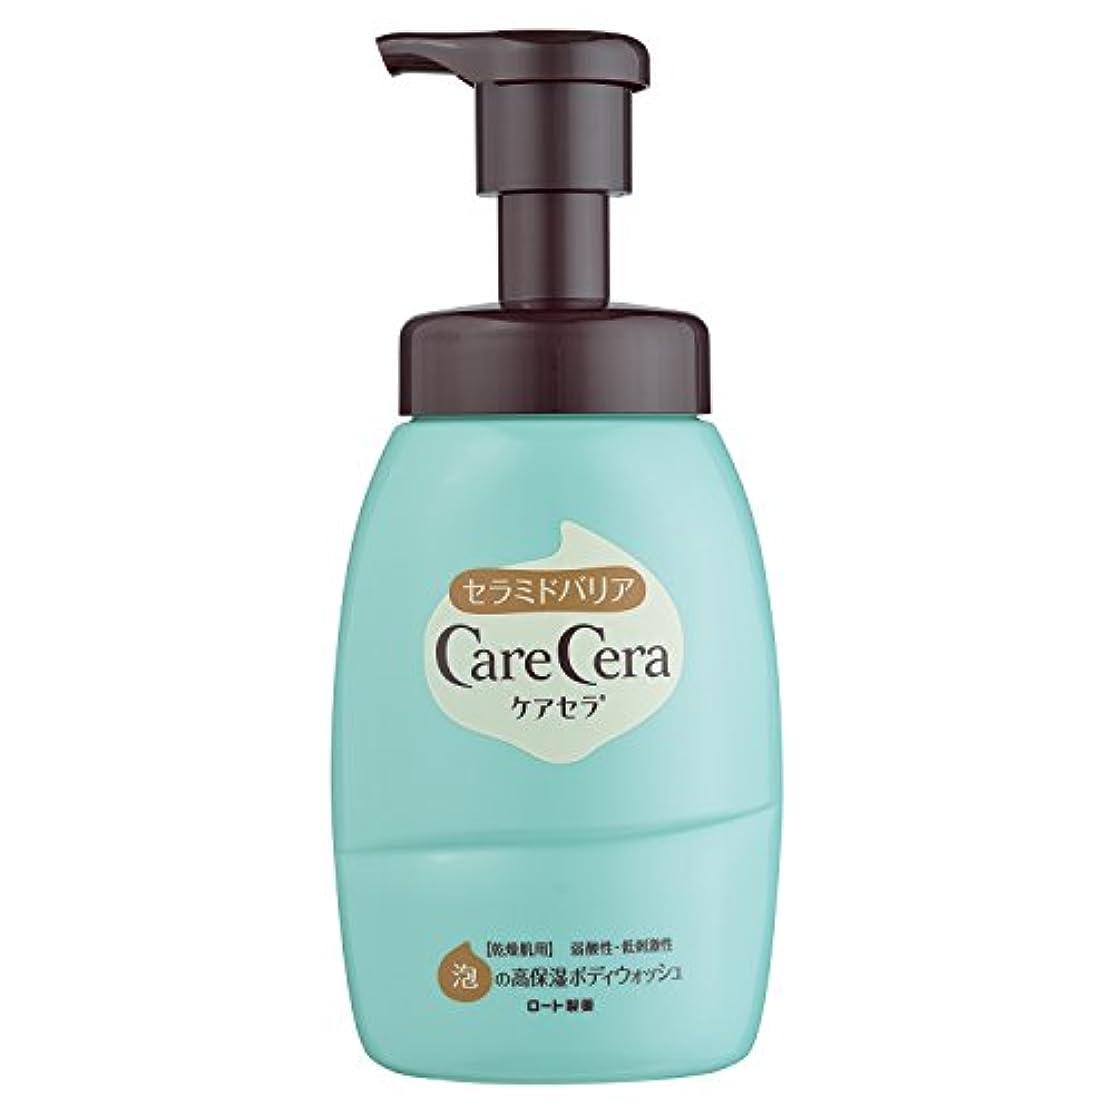 無礼にサイトカウンタロート製薬 ケアセラ 天然型セラミド7種配合 セラミド濃度10倍泡の高保湿 全身ボディウォッシュ ピュアフローラルの香り 450mL